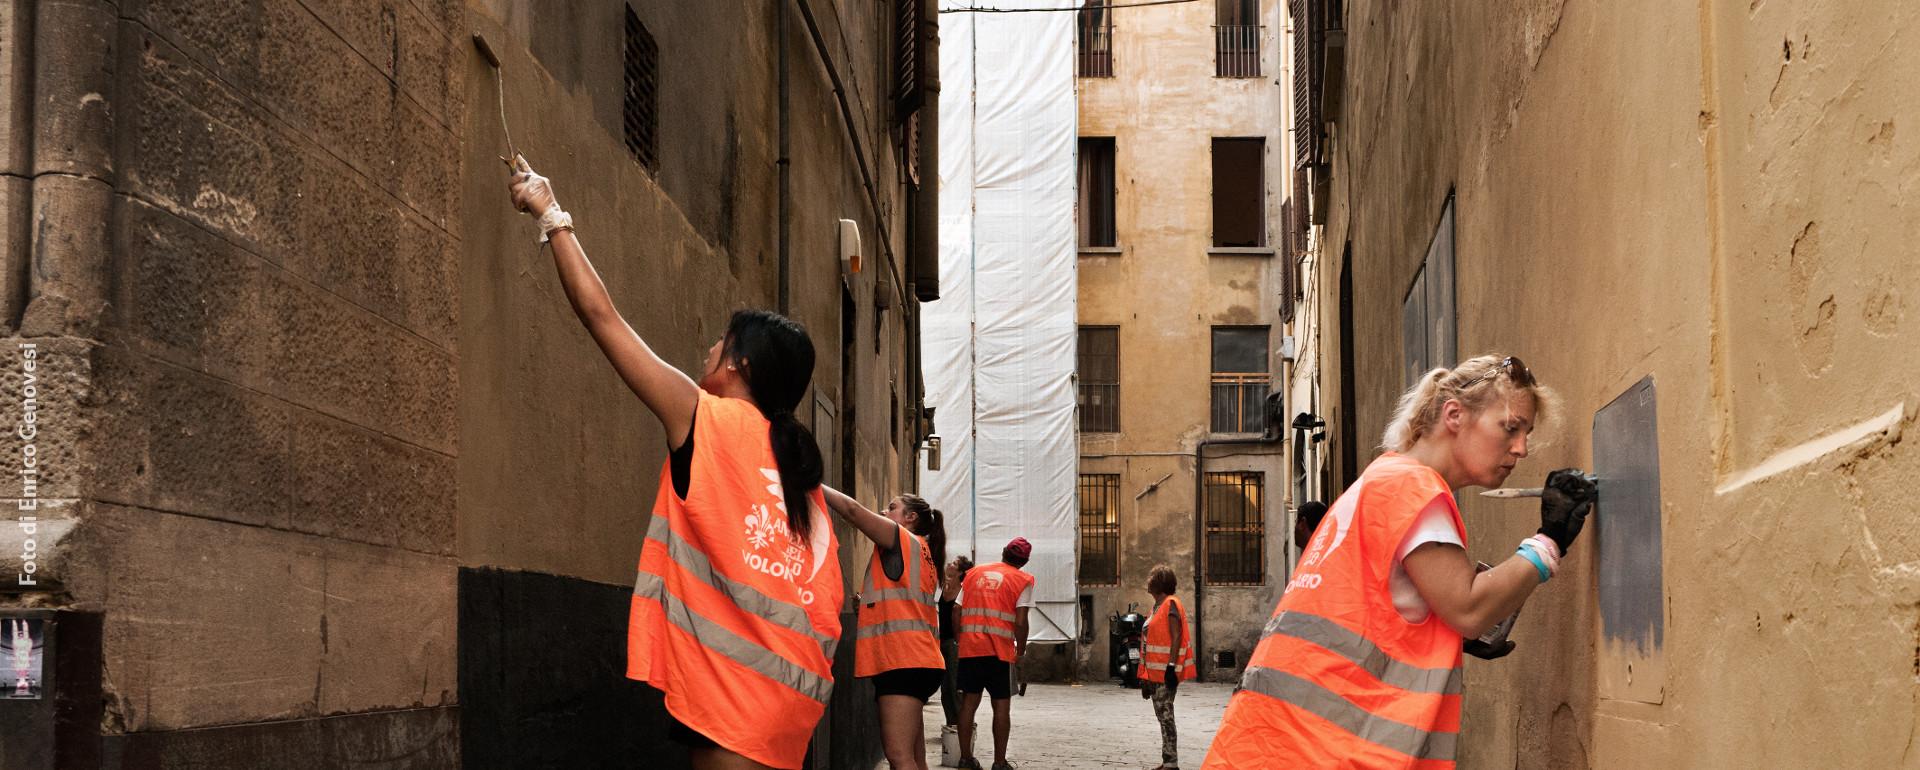 http://giovanisi.it/2018/06/28/giovani-e-beni-comuni-i-vincitori-del-bando/